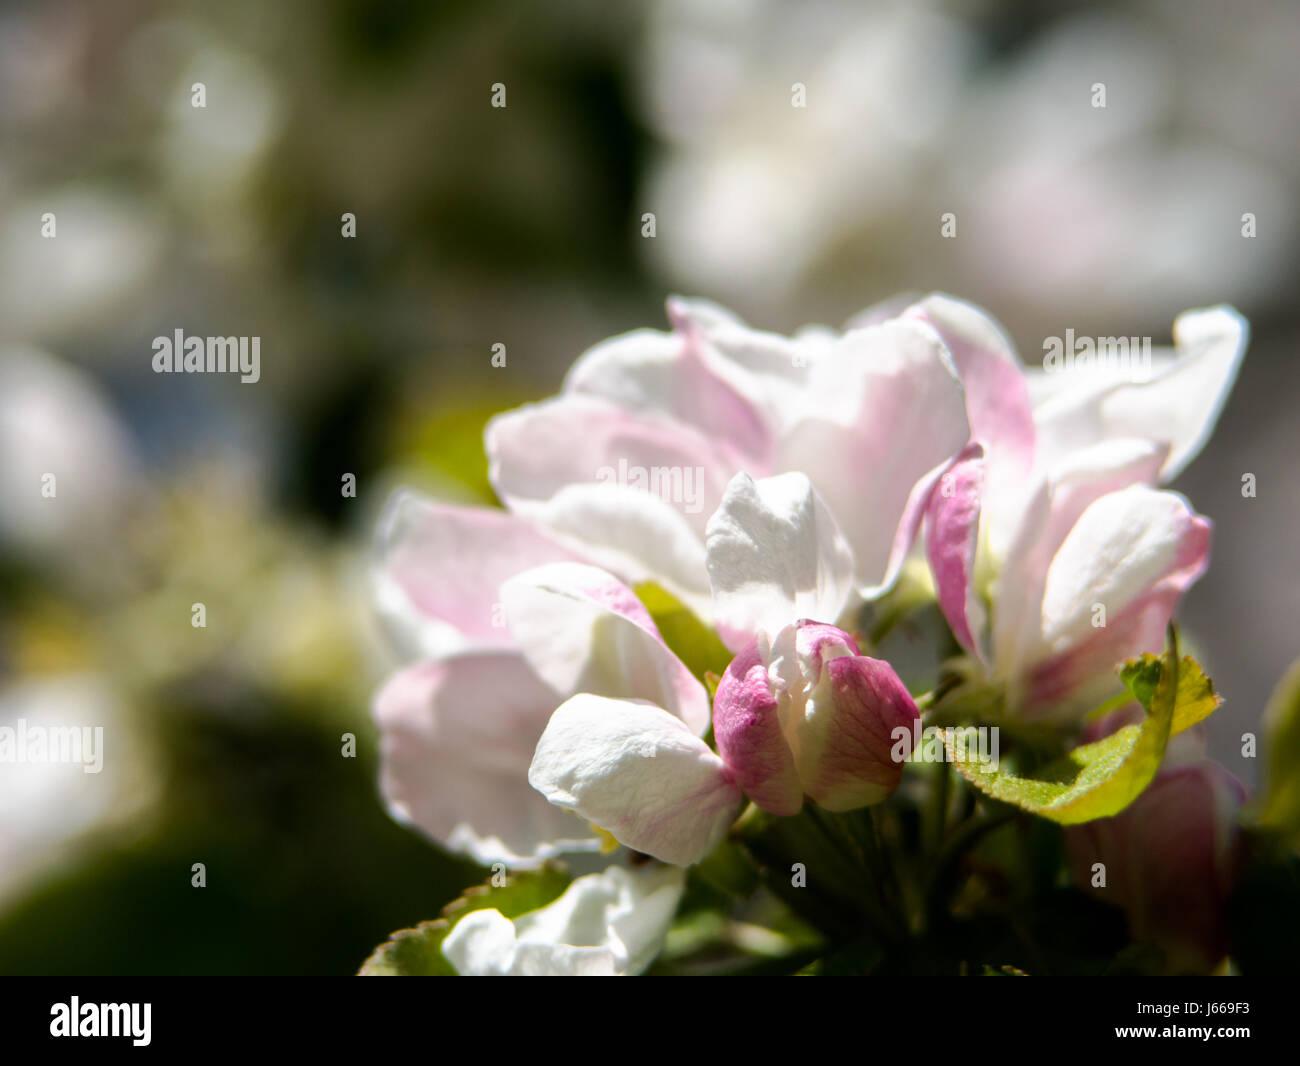 Apfel Bäume Blumen. die Samen tragenden Teil einer Anlage, bestehend ...